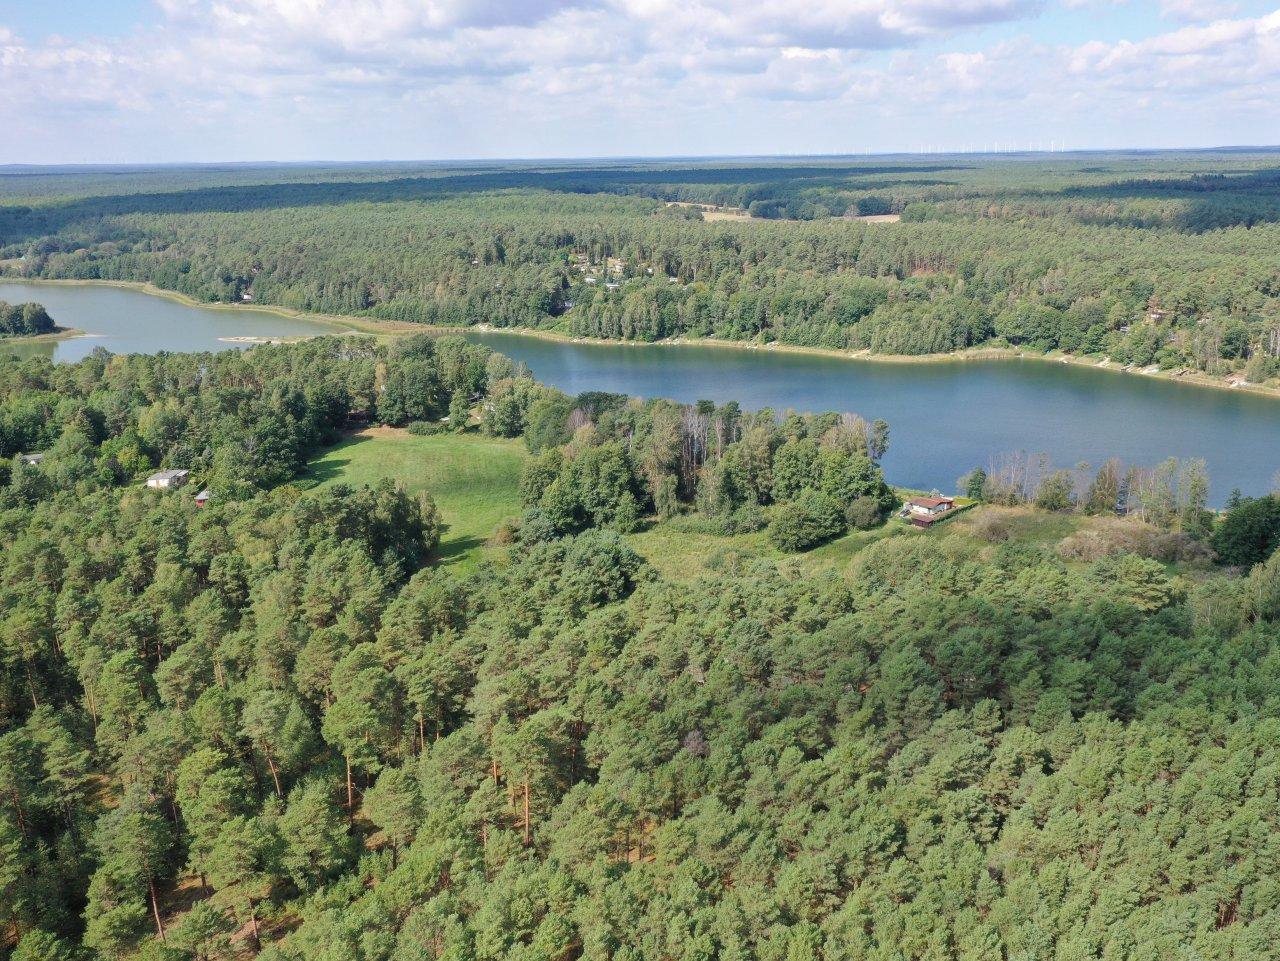 Ufergrundstück im Wochenendhausgebiet direkt am Pinnower See im Schlaubetal - Brandenburgs schönstes Bachtal